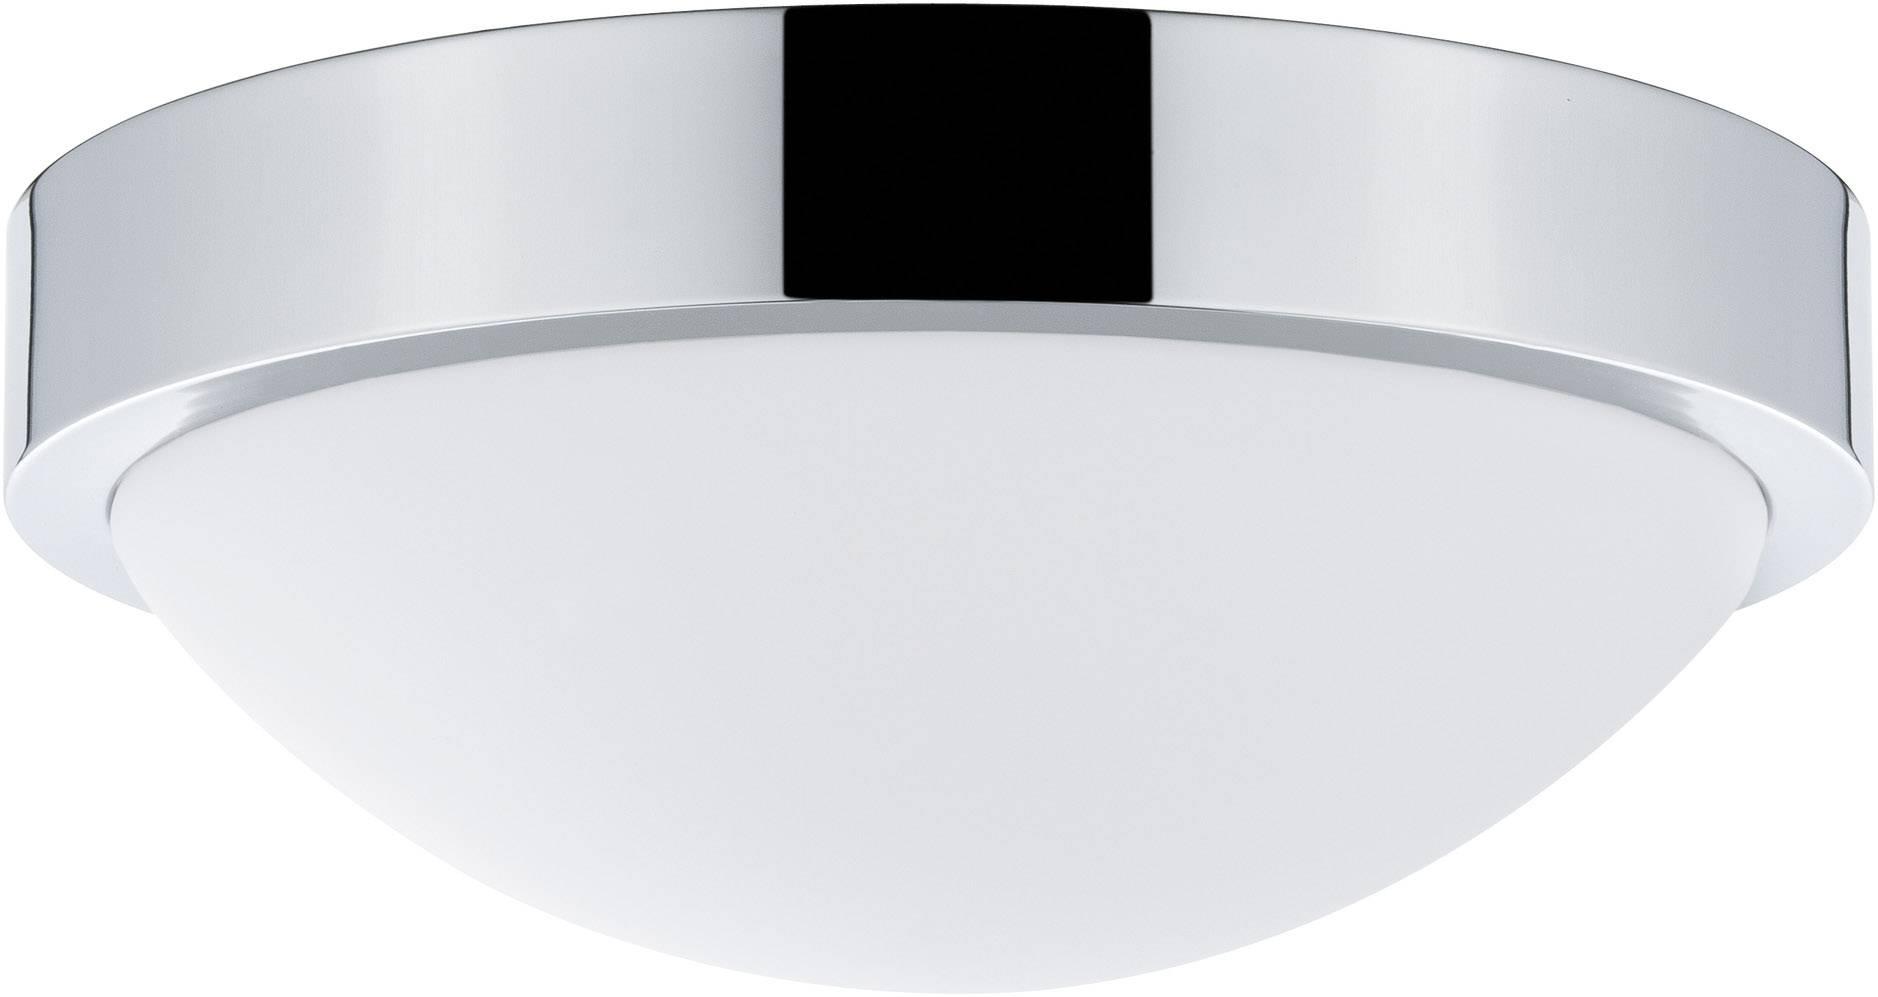 Badkamer Plafondlamp Led : Badkamer plafondlamp led e w paulmann falima chroom